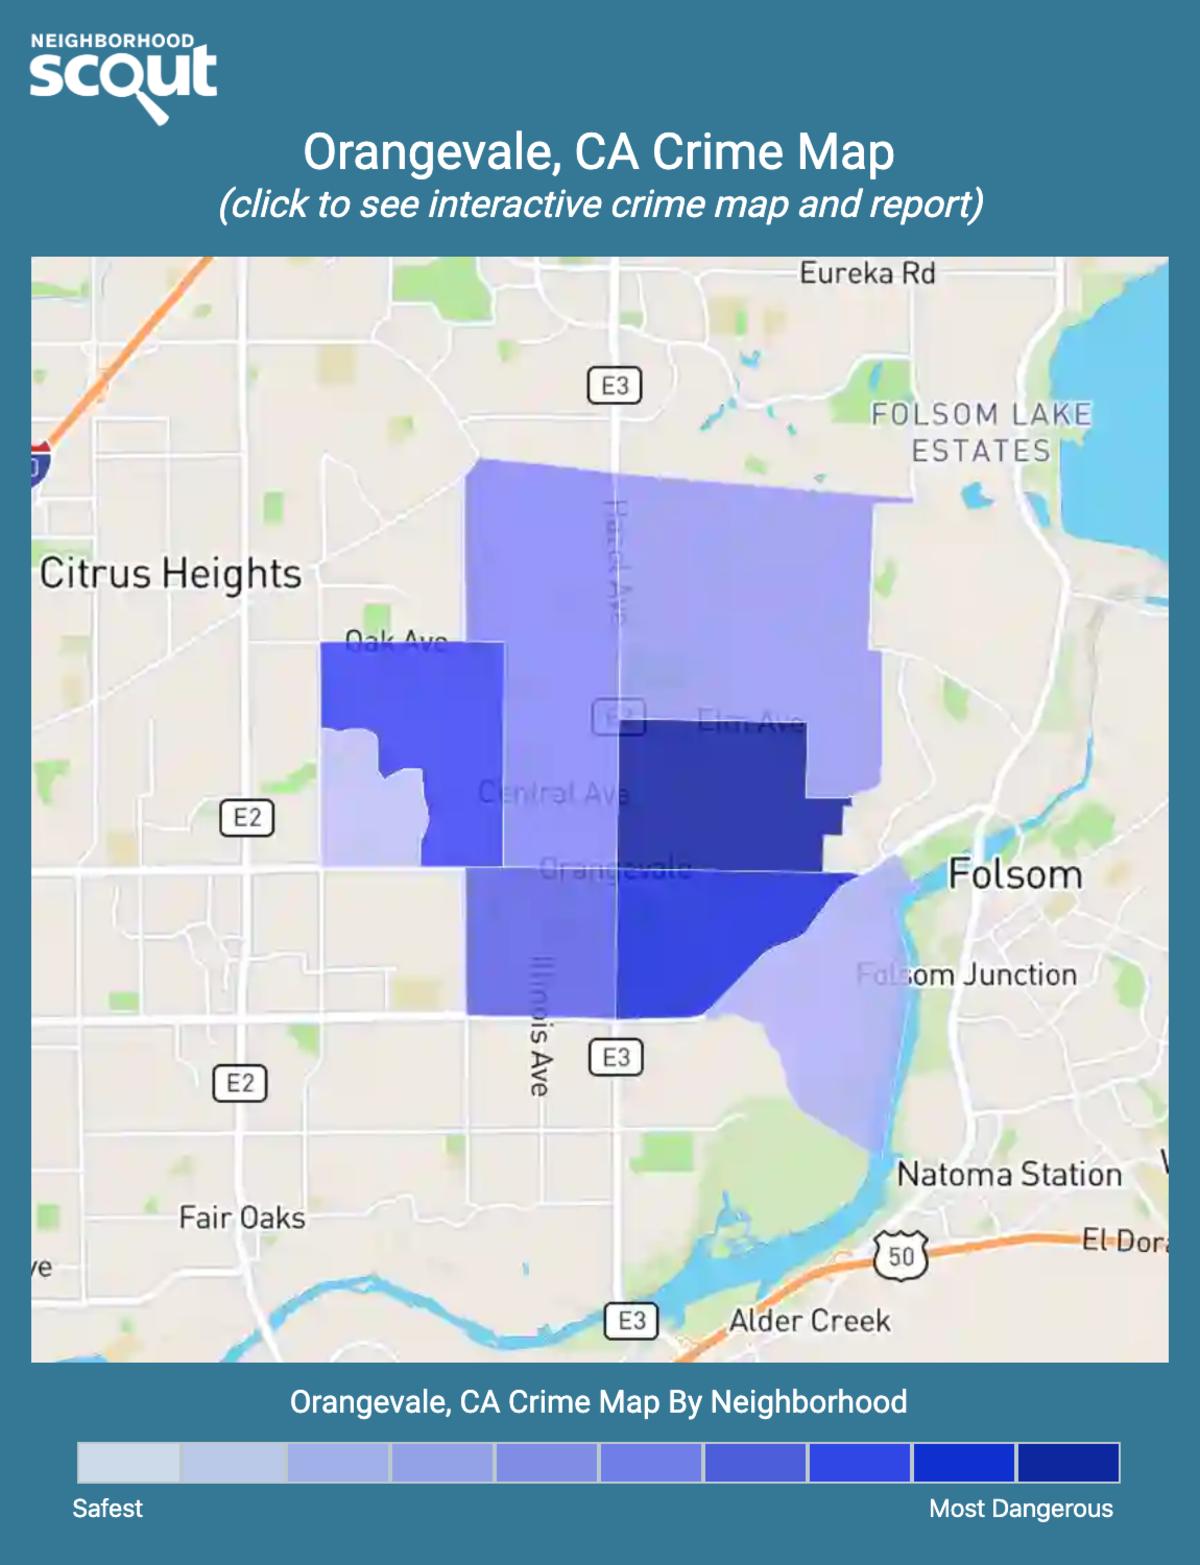 Orangevale, California crime map